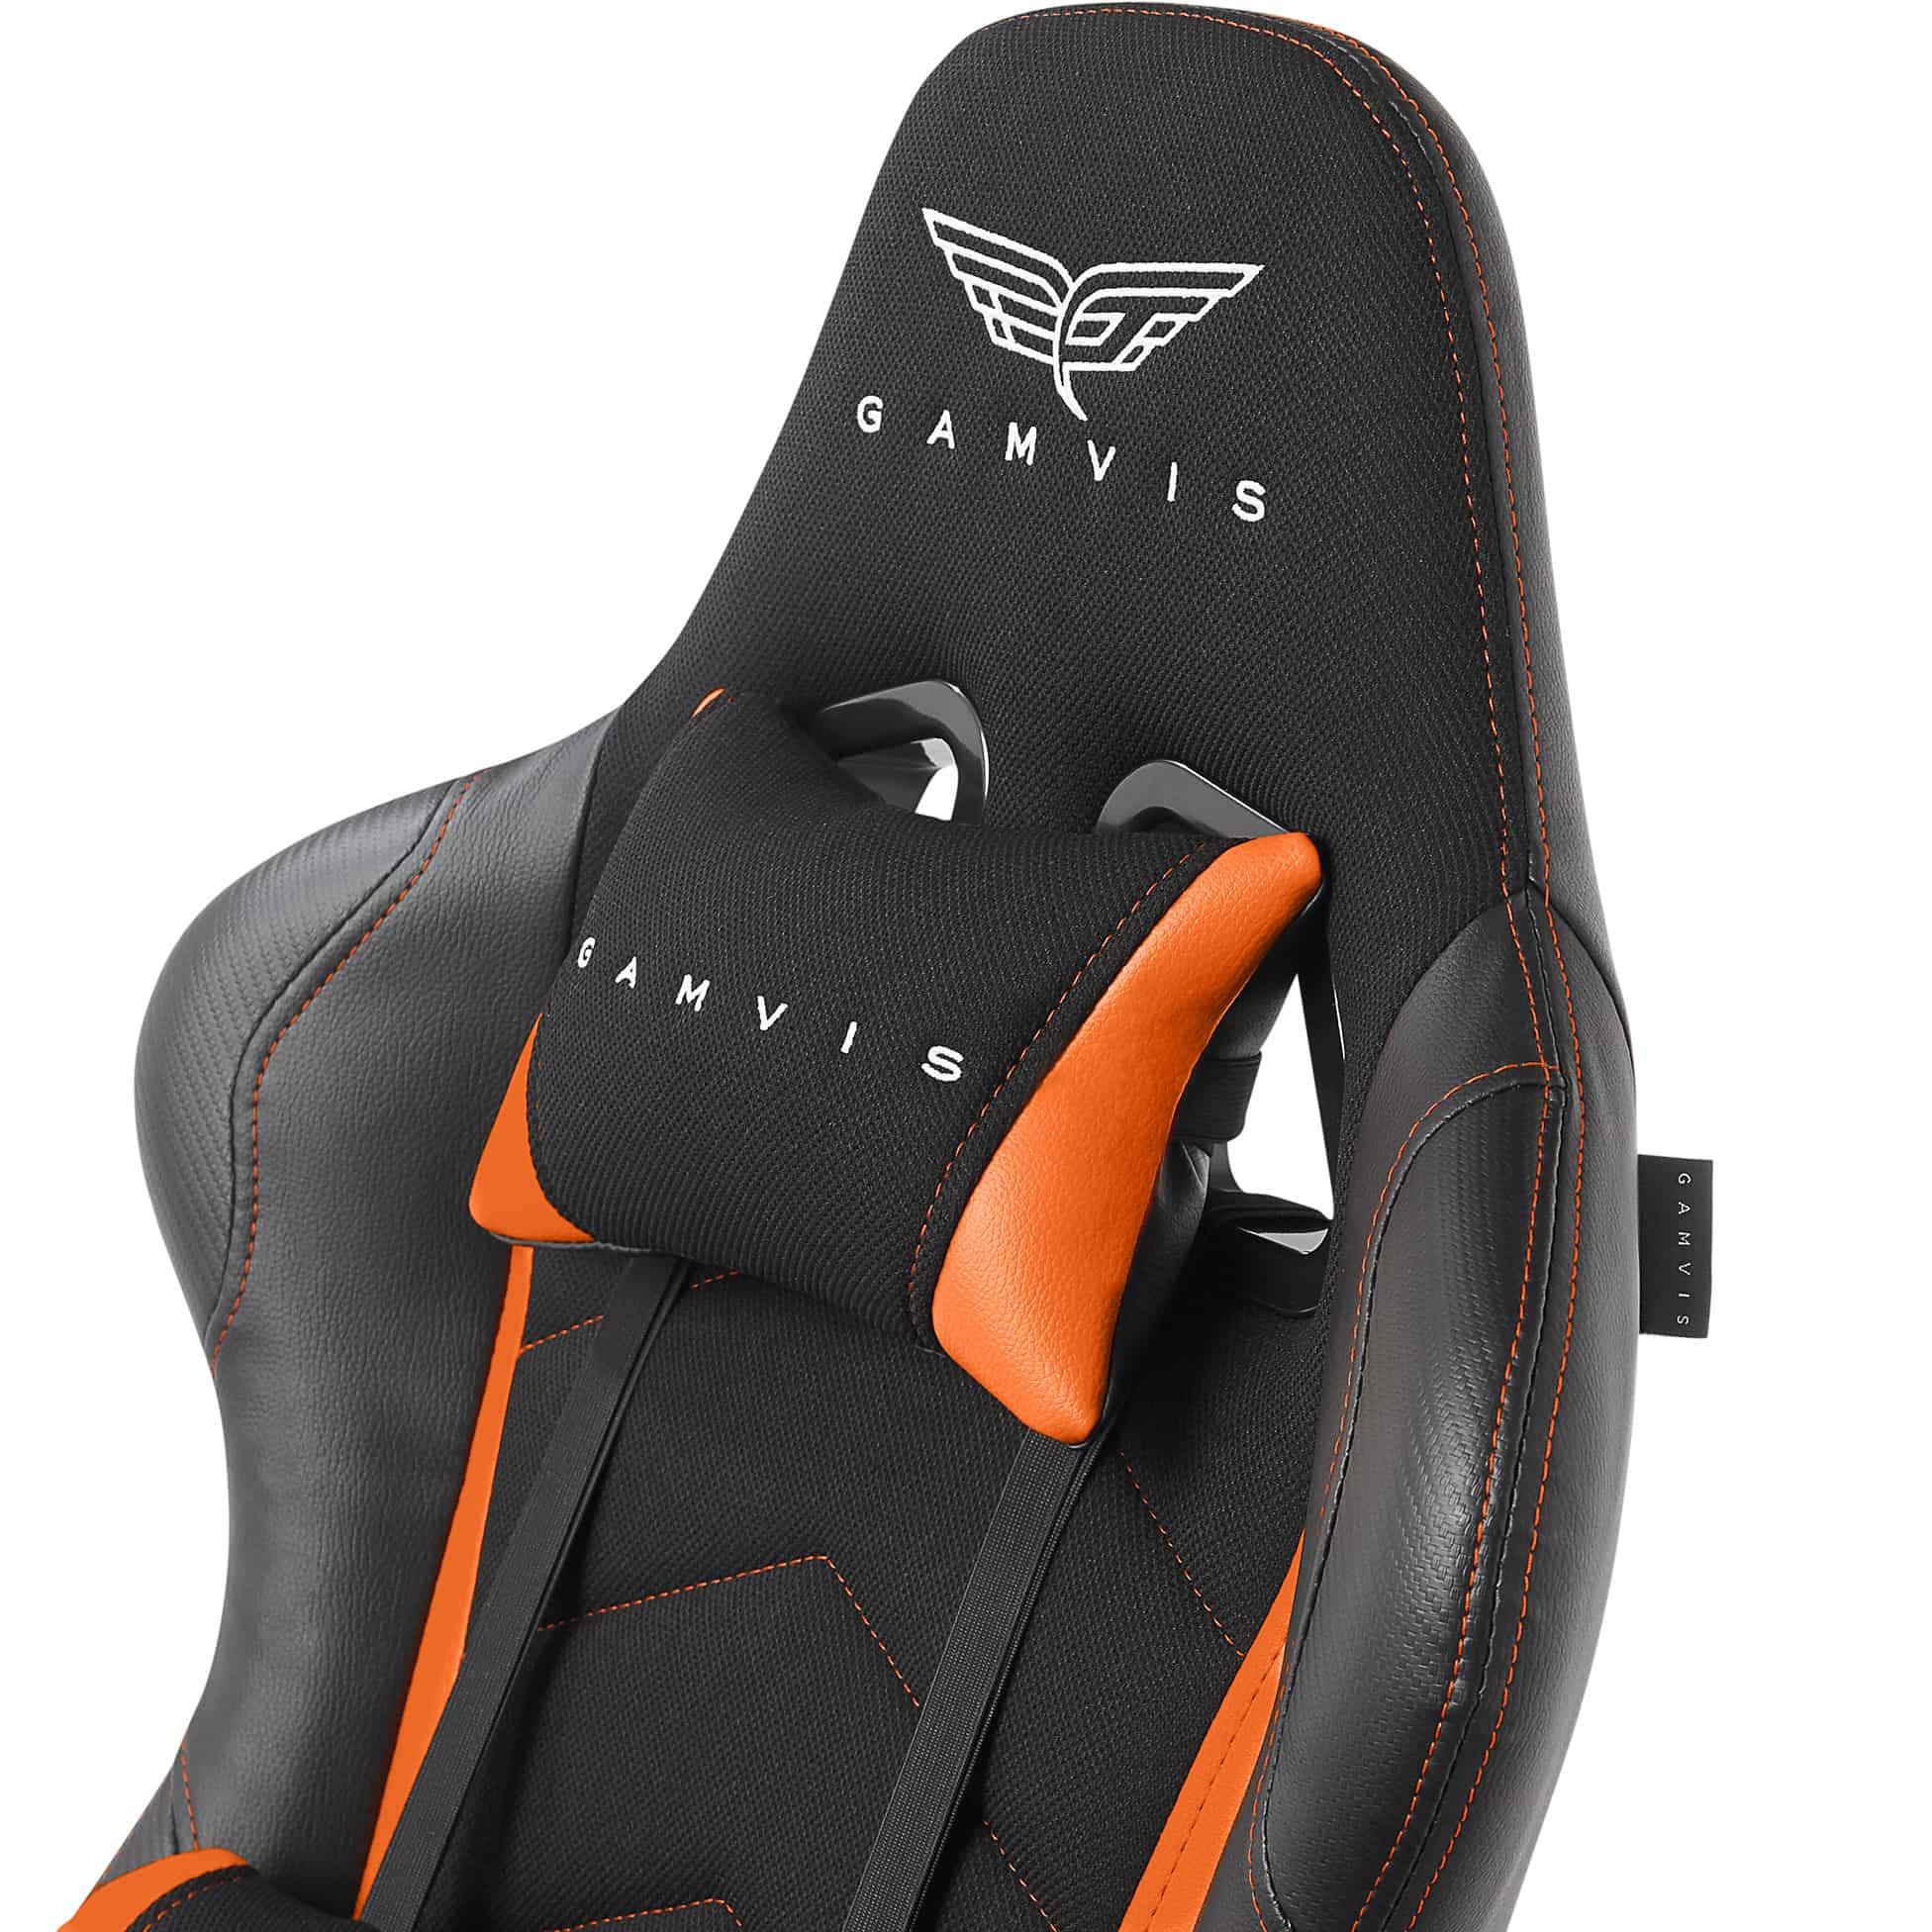 Materiałowy Fotel gamingowy Gamvis Expert Pomarańczowy 3